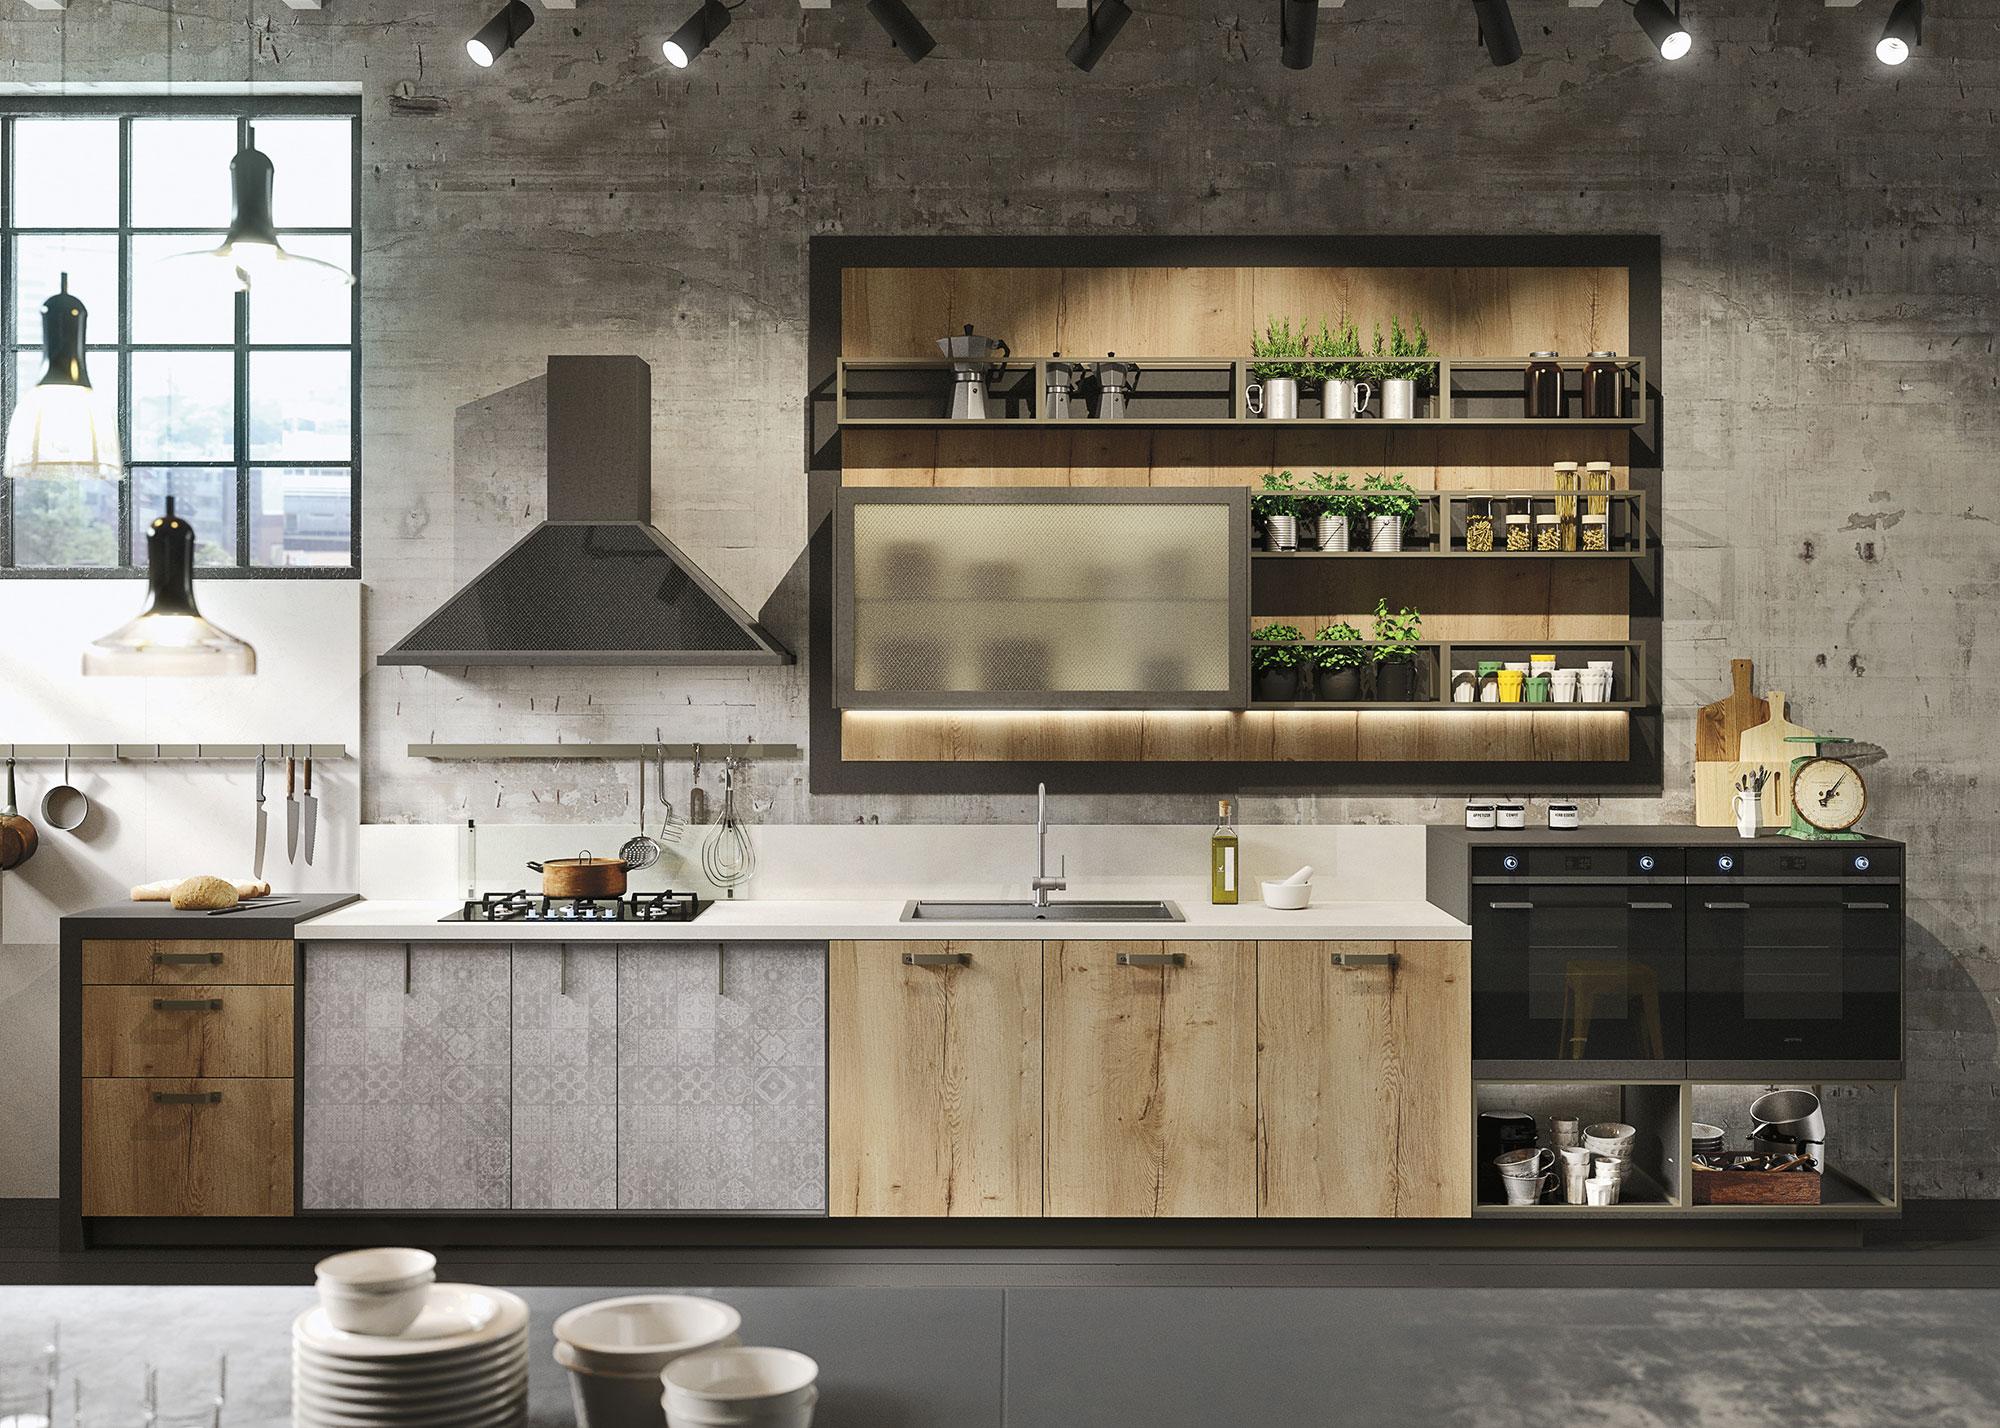 cucine-in-legno-design-loft-snaidero-dettaglio-2